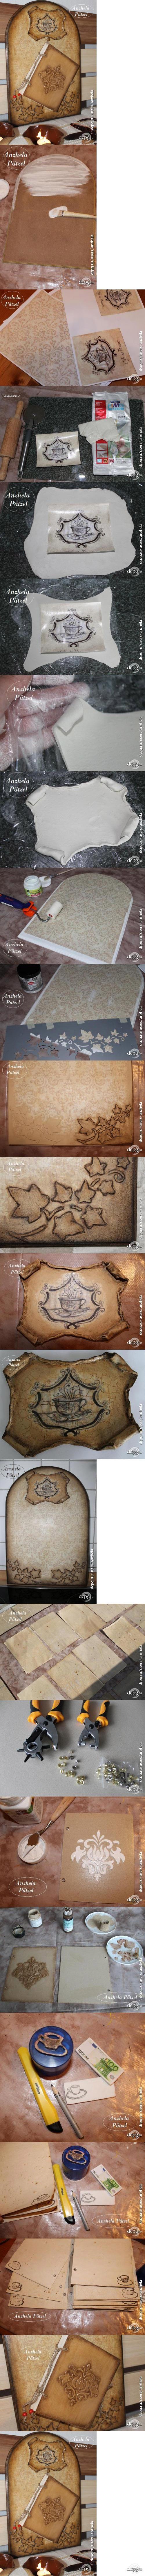 """Декупаж - Сайт любителей декупажа - DCPG.RU   Кухонное панно """"Старинная книга рецептов"""" Click on photo to see more! Нажмите на фото чтобы увидеть больше! decoupage art craft handmade home decor DIY do it yourself tutorial"""